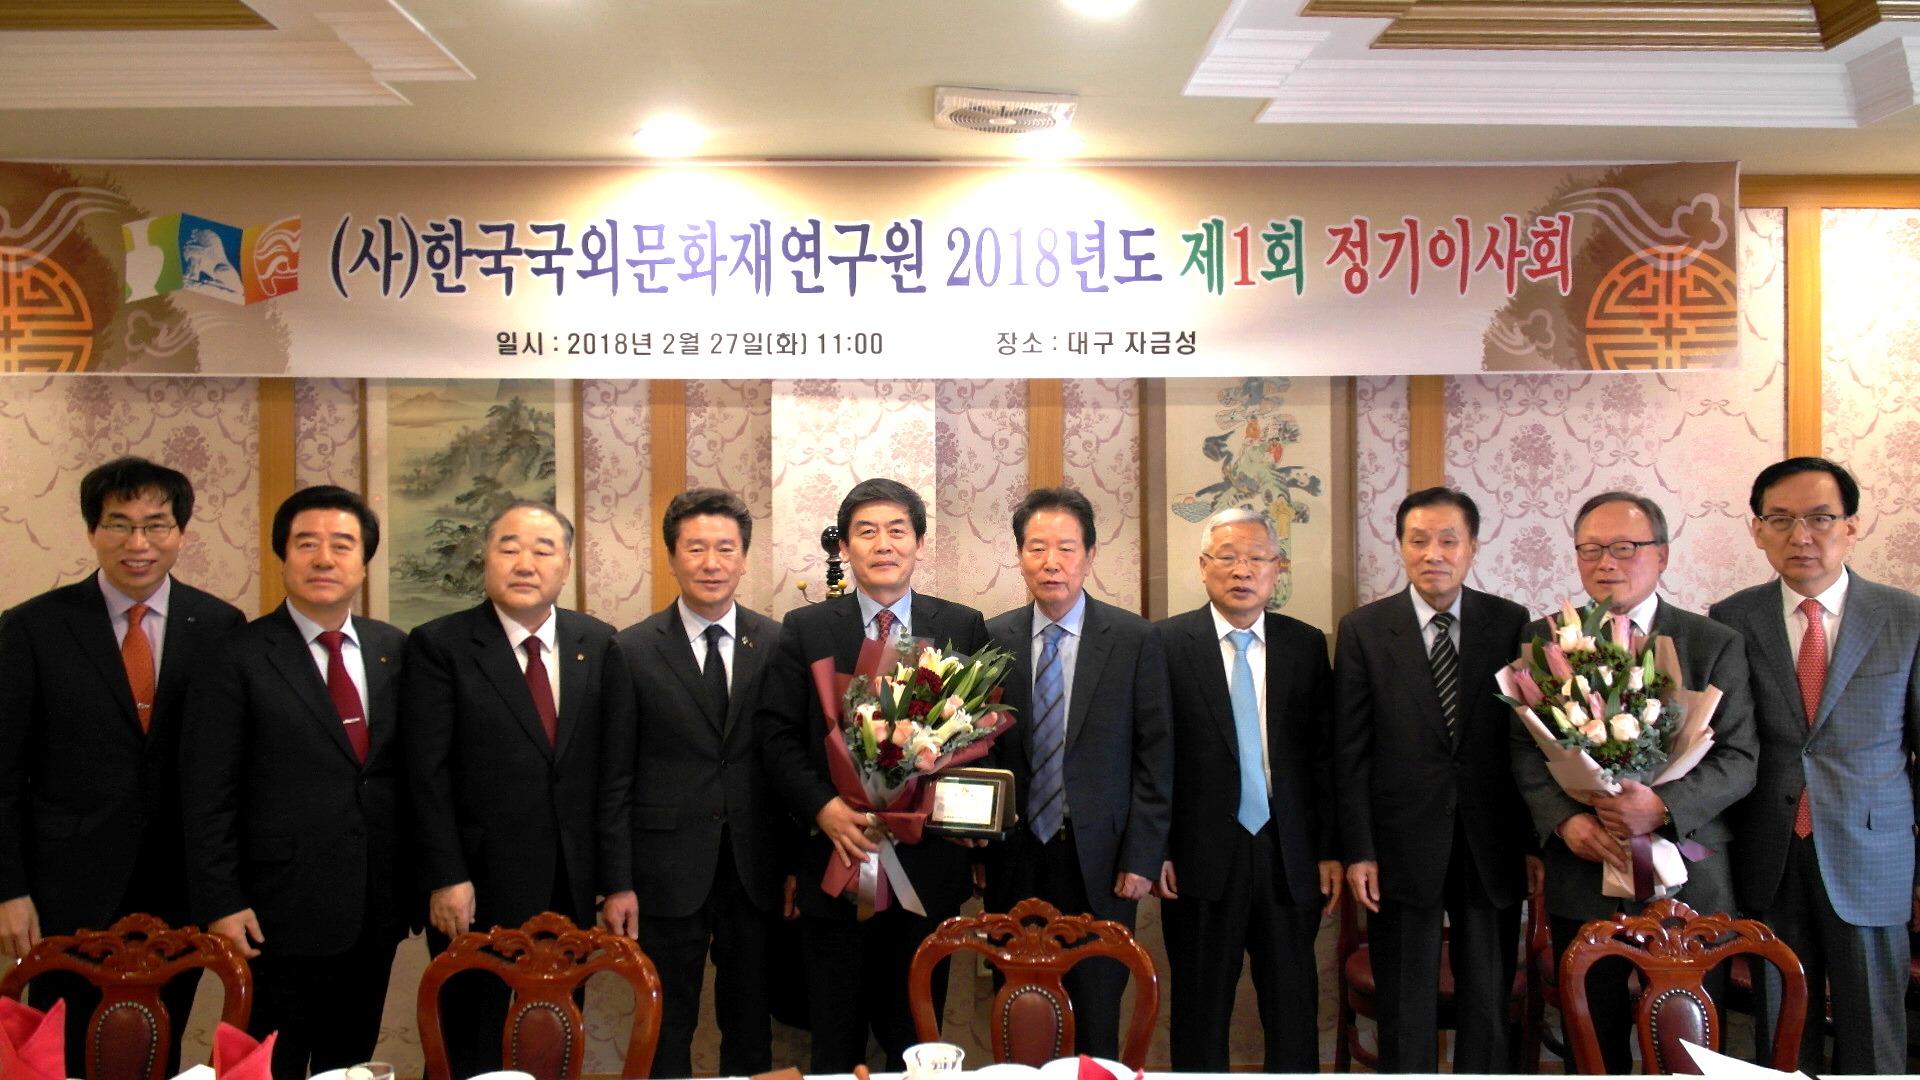 2018년도 제1회 정기이사회 개최, 전임 원장 및 사무처장 감사패 전달식